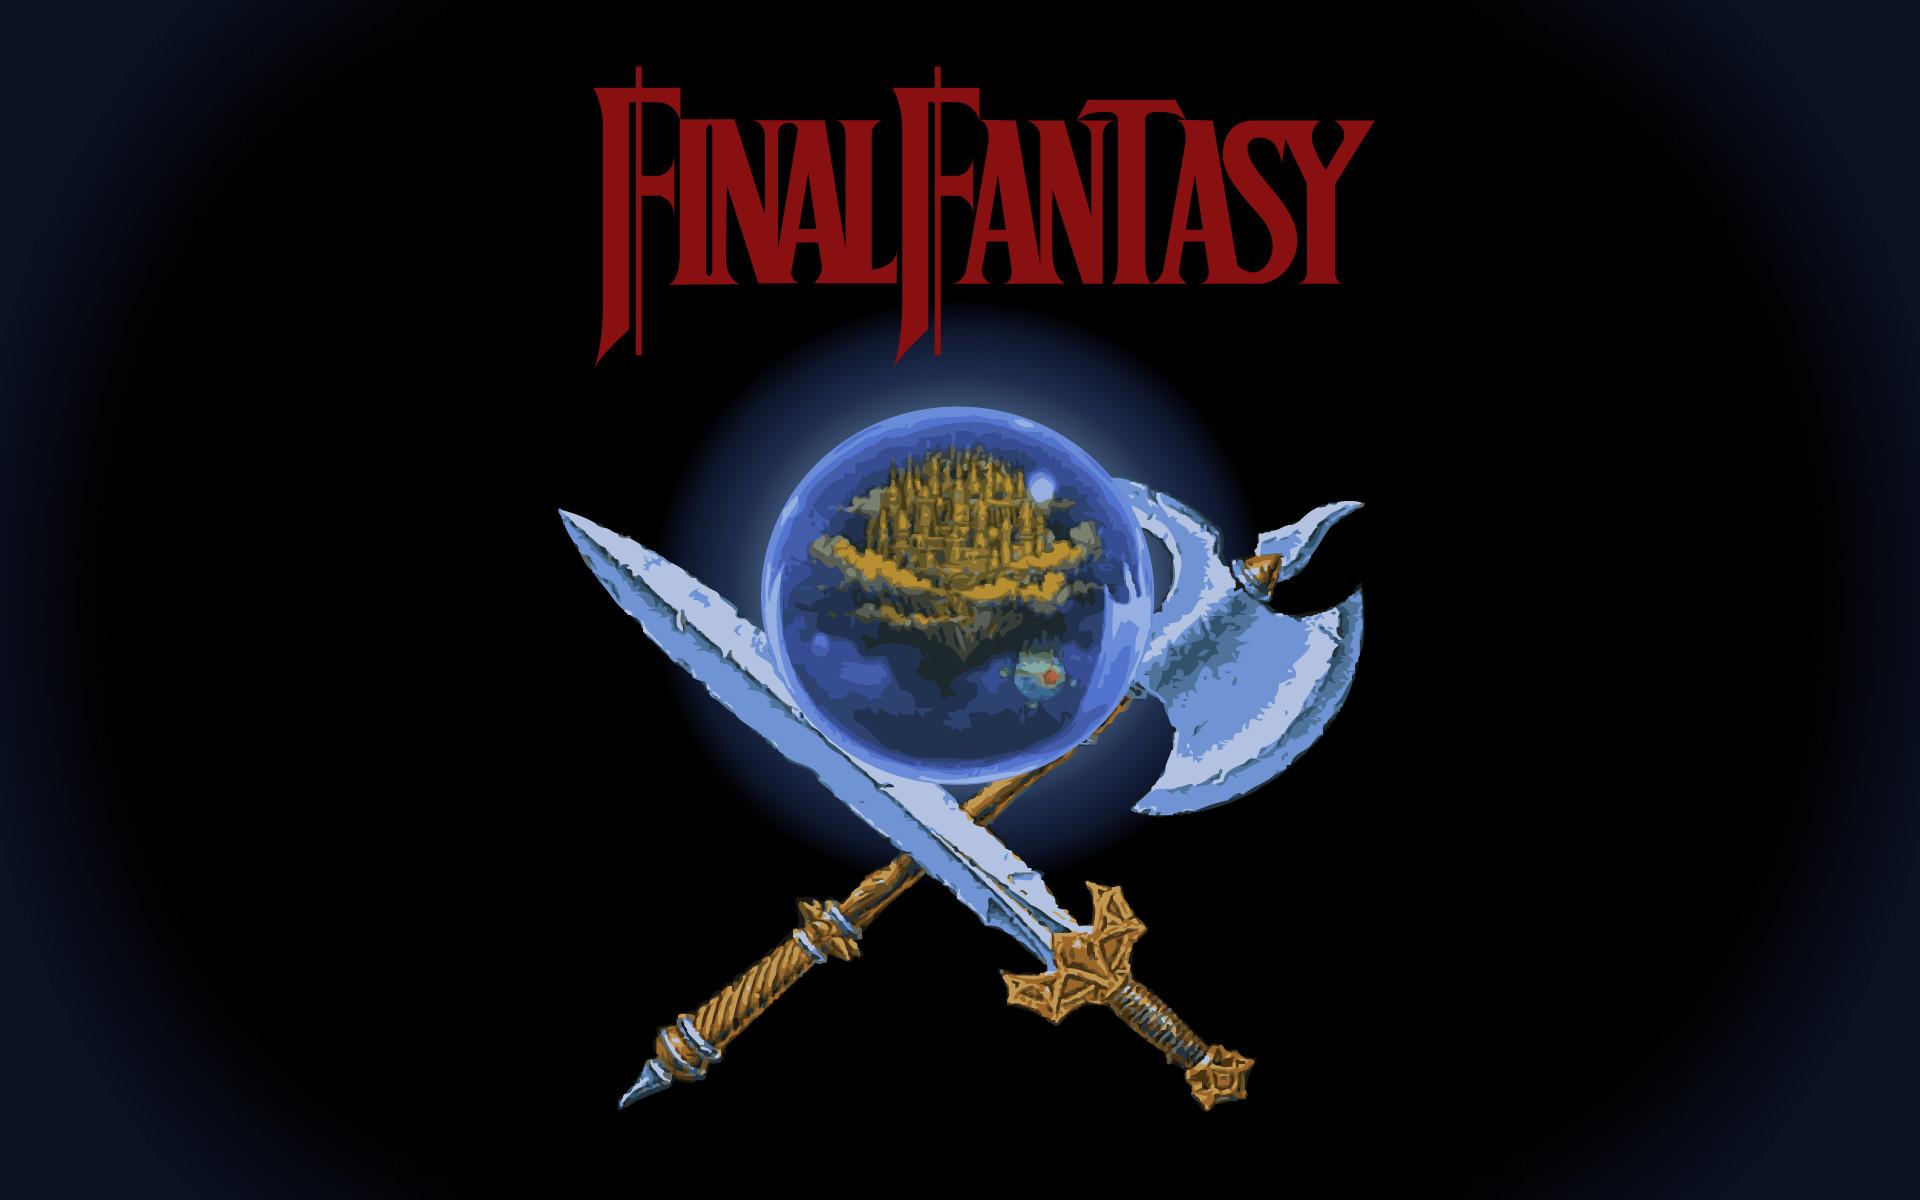 Final Fantasy 1 Nes Wallpaper